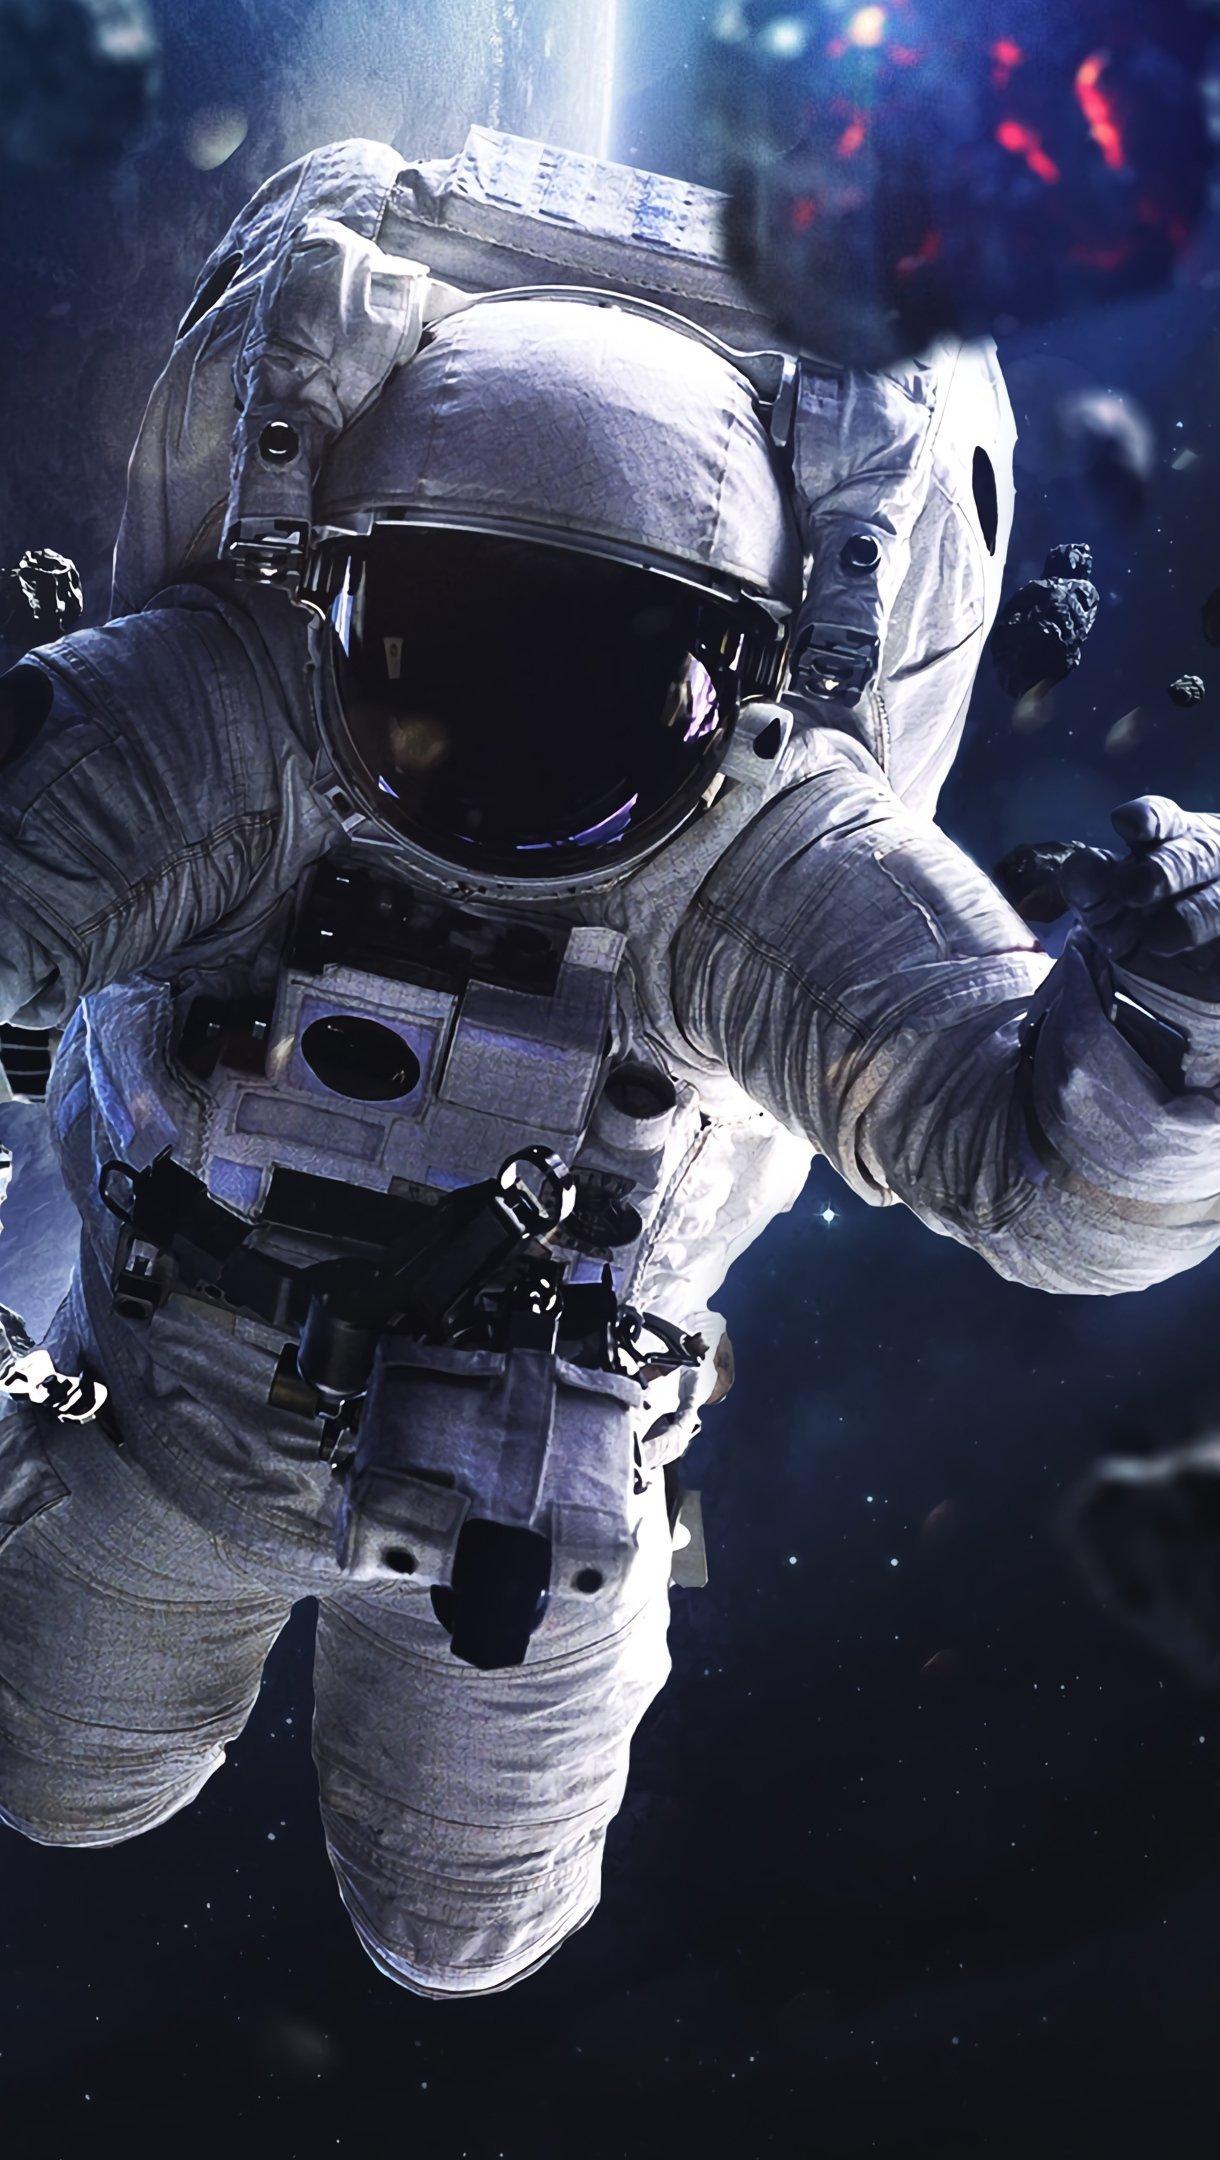 Fondos de pantalla Astronauta flotando alrededor de asteroides Vertical